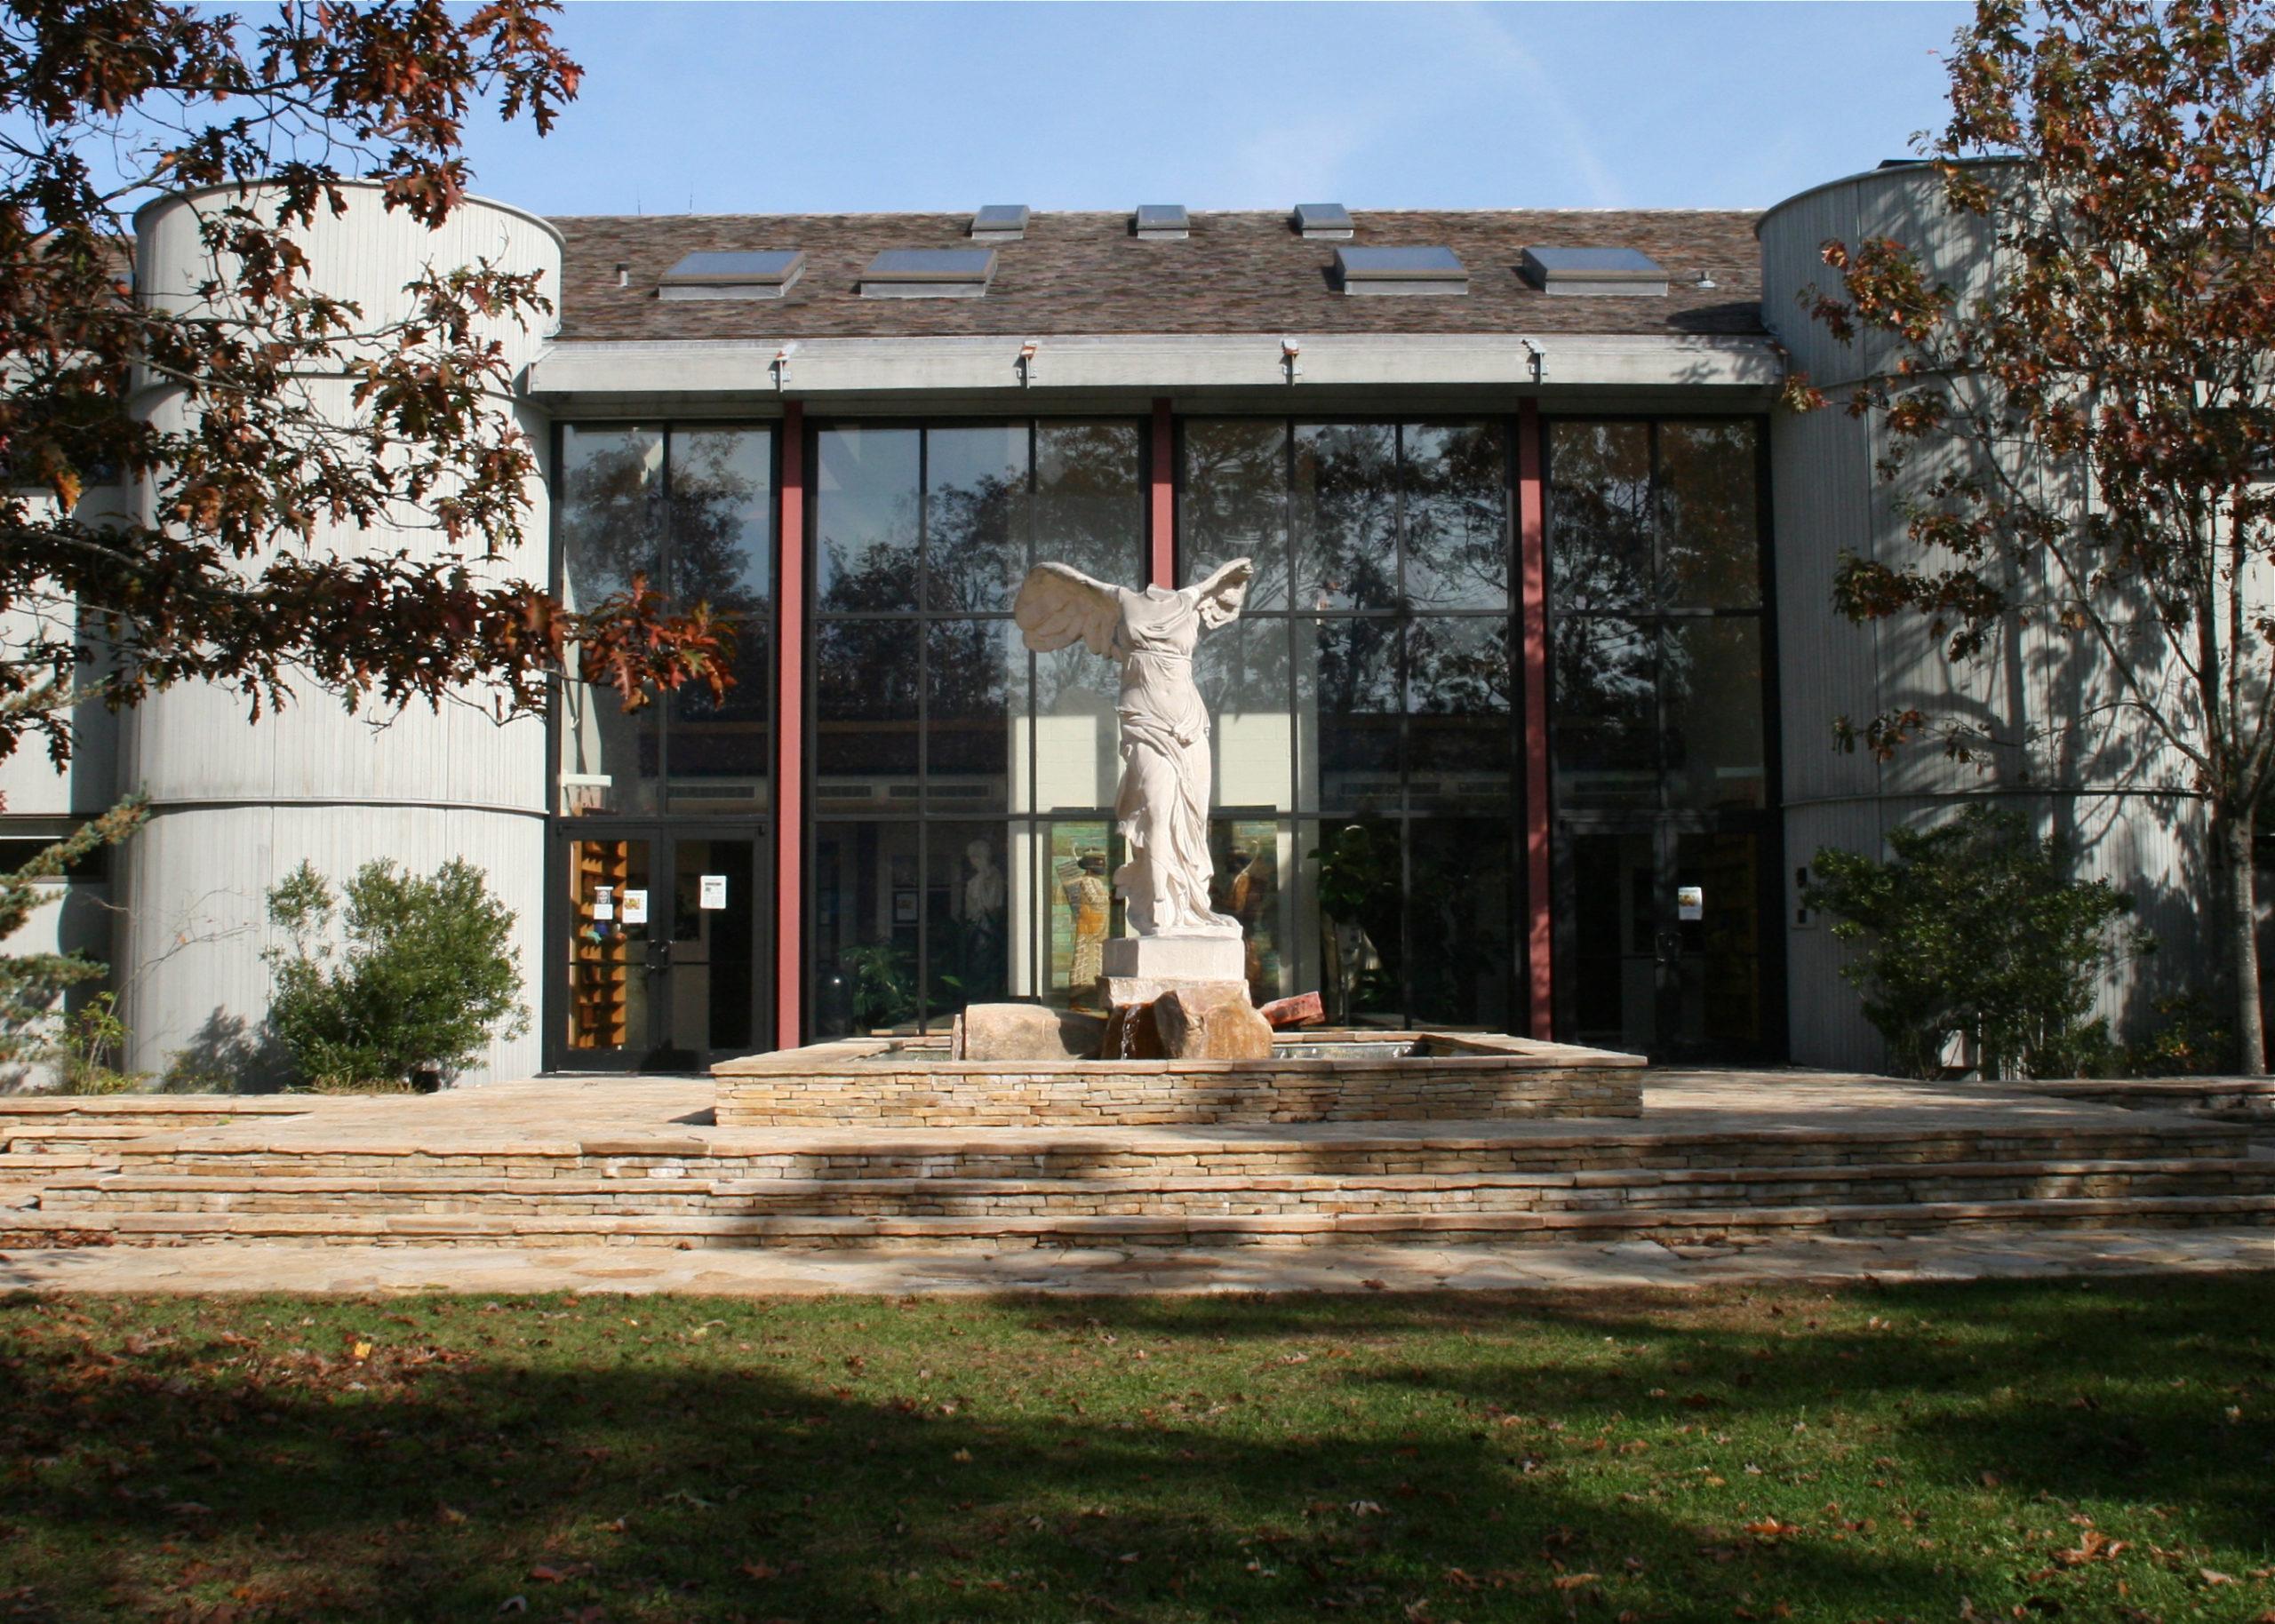 The Ross School